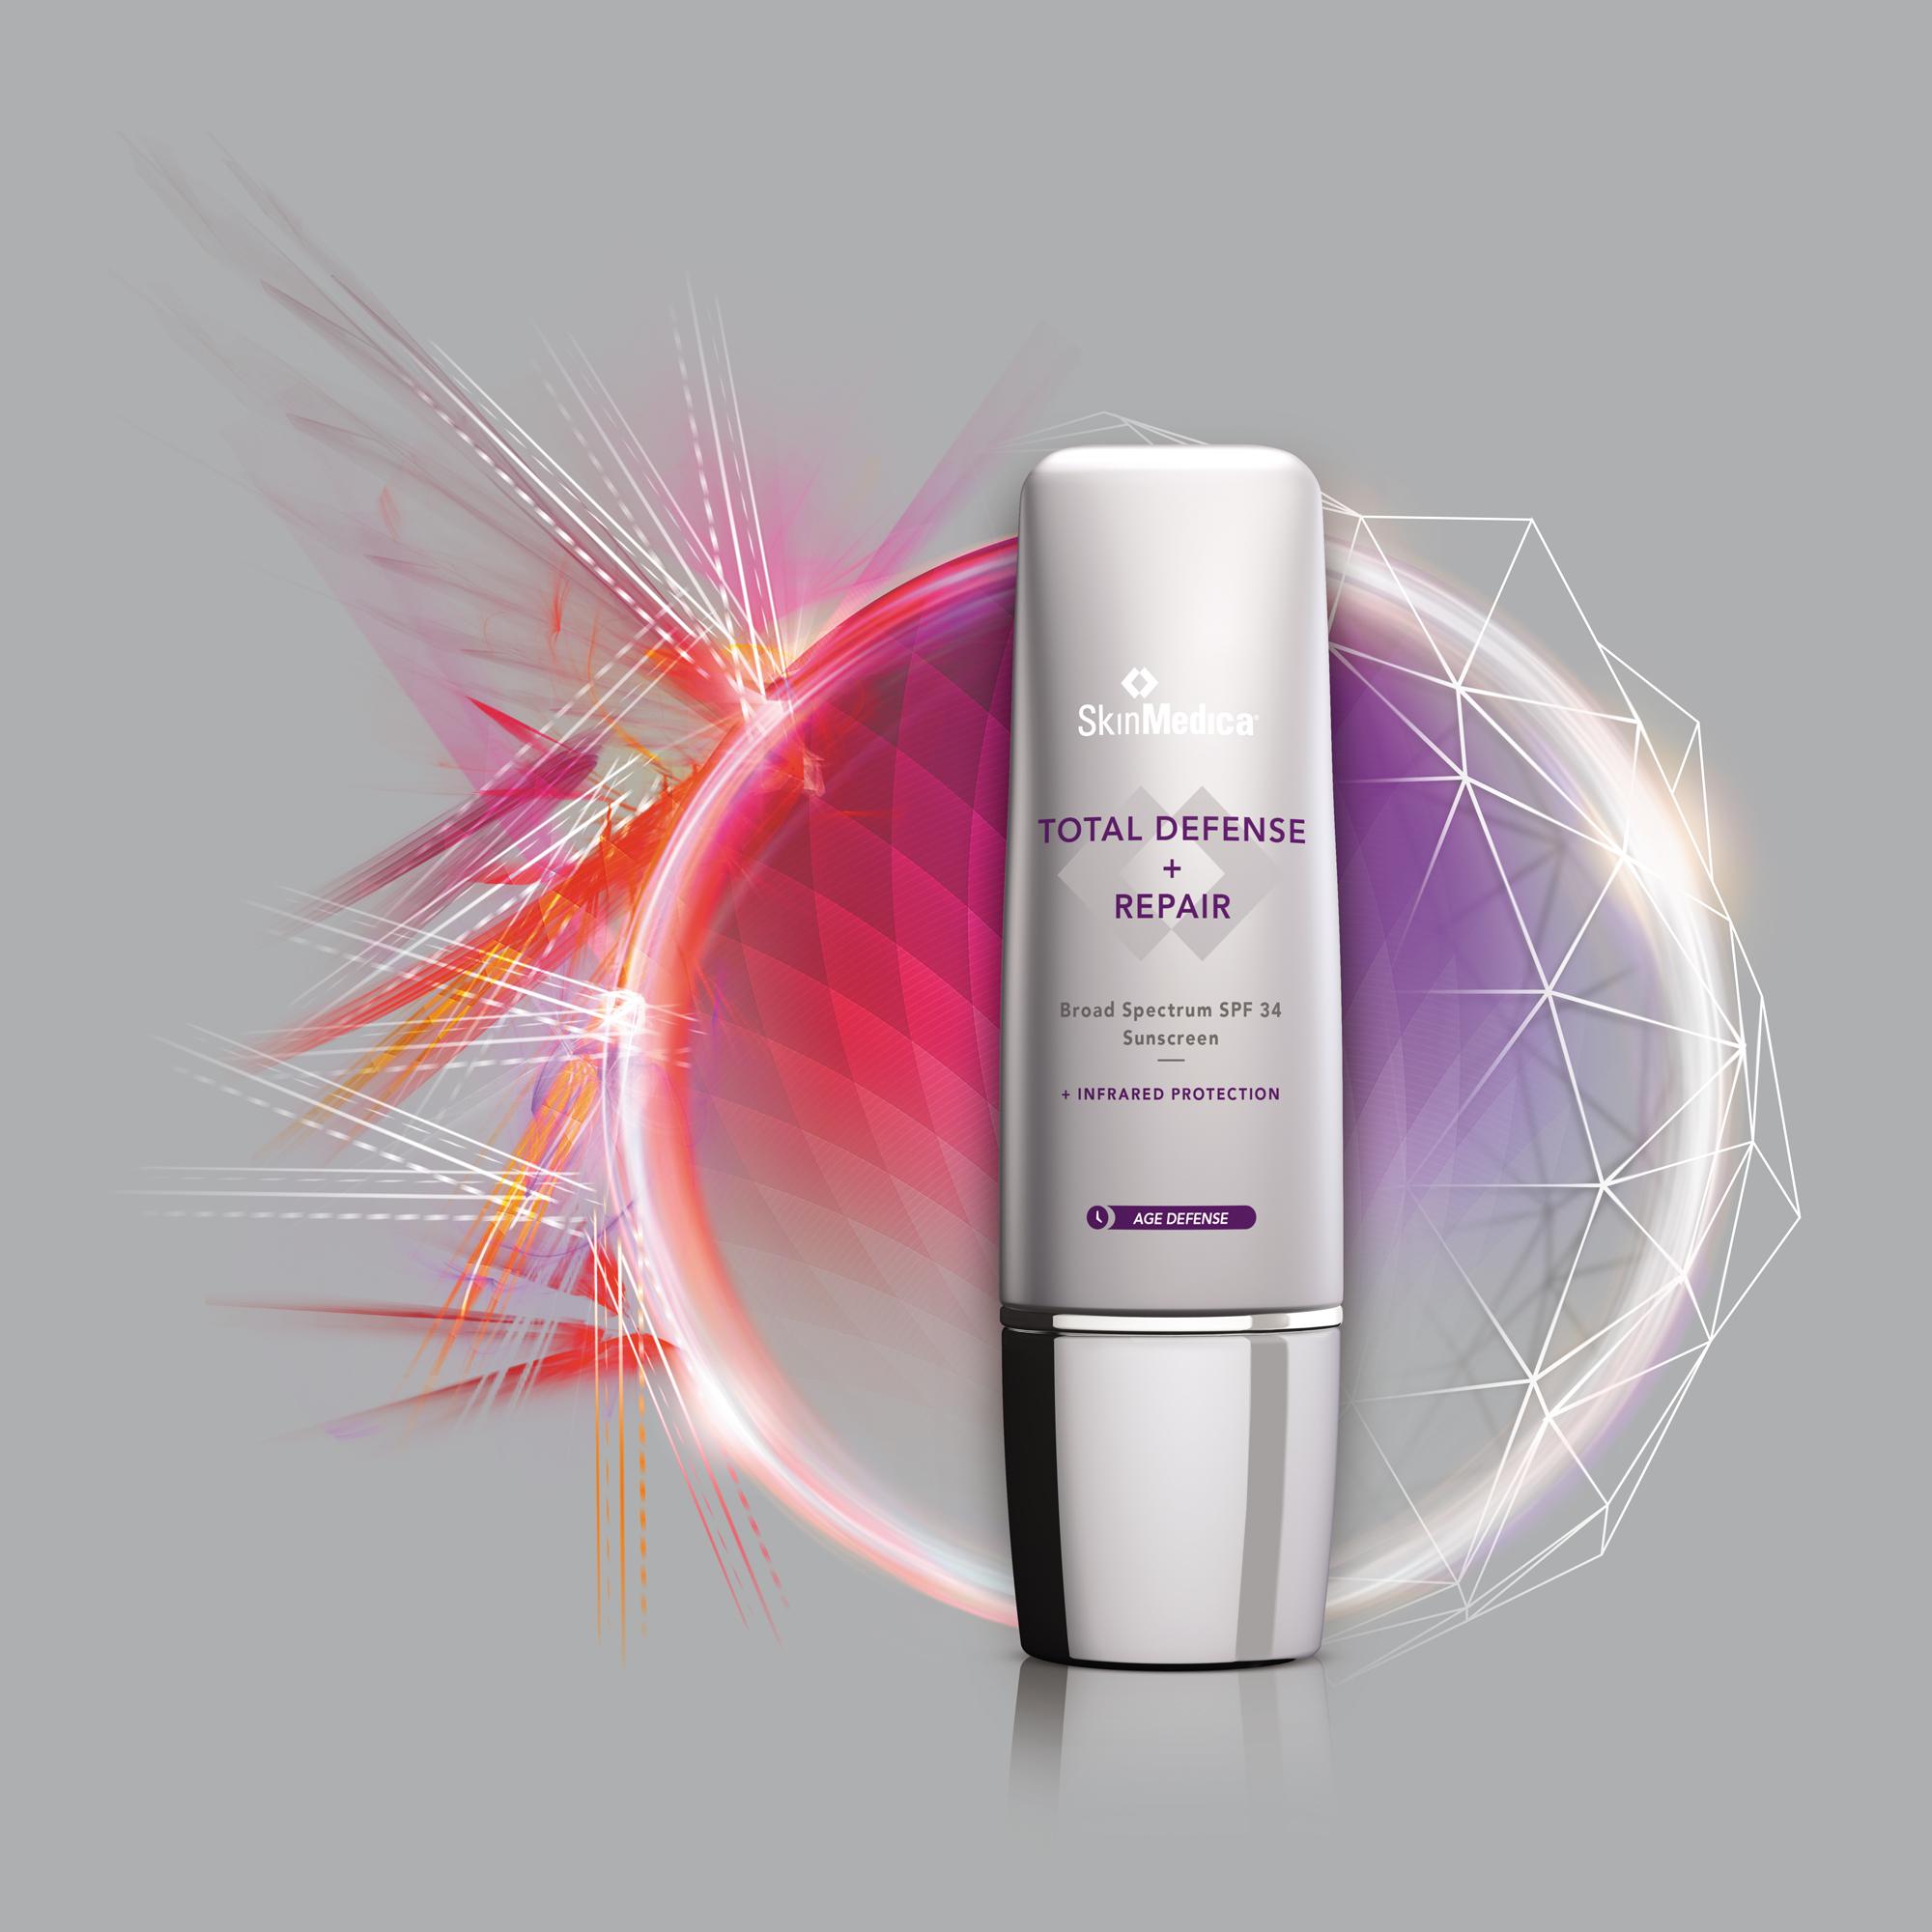 SkinMedica total defense and repair product